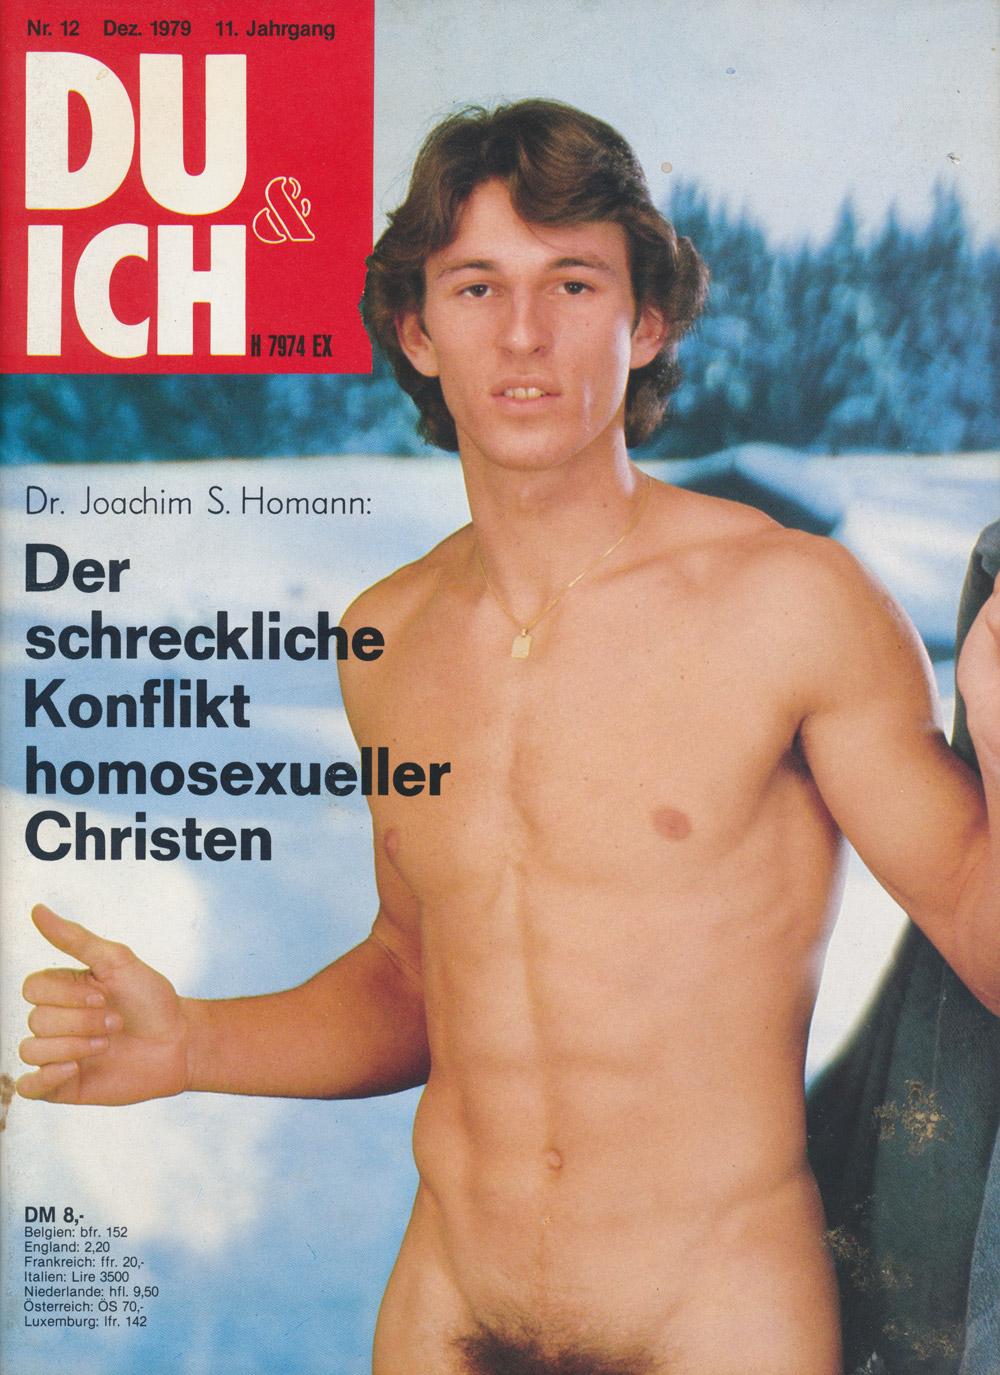 Du & Ich 12, 1979